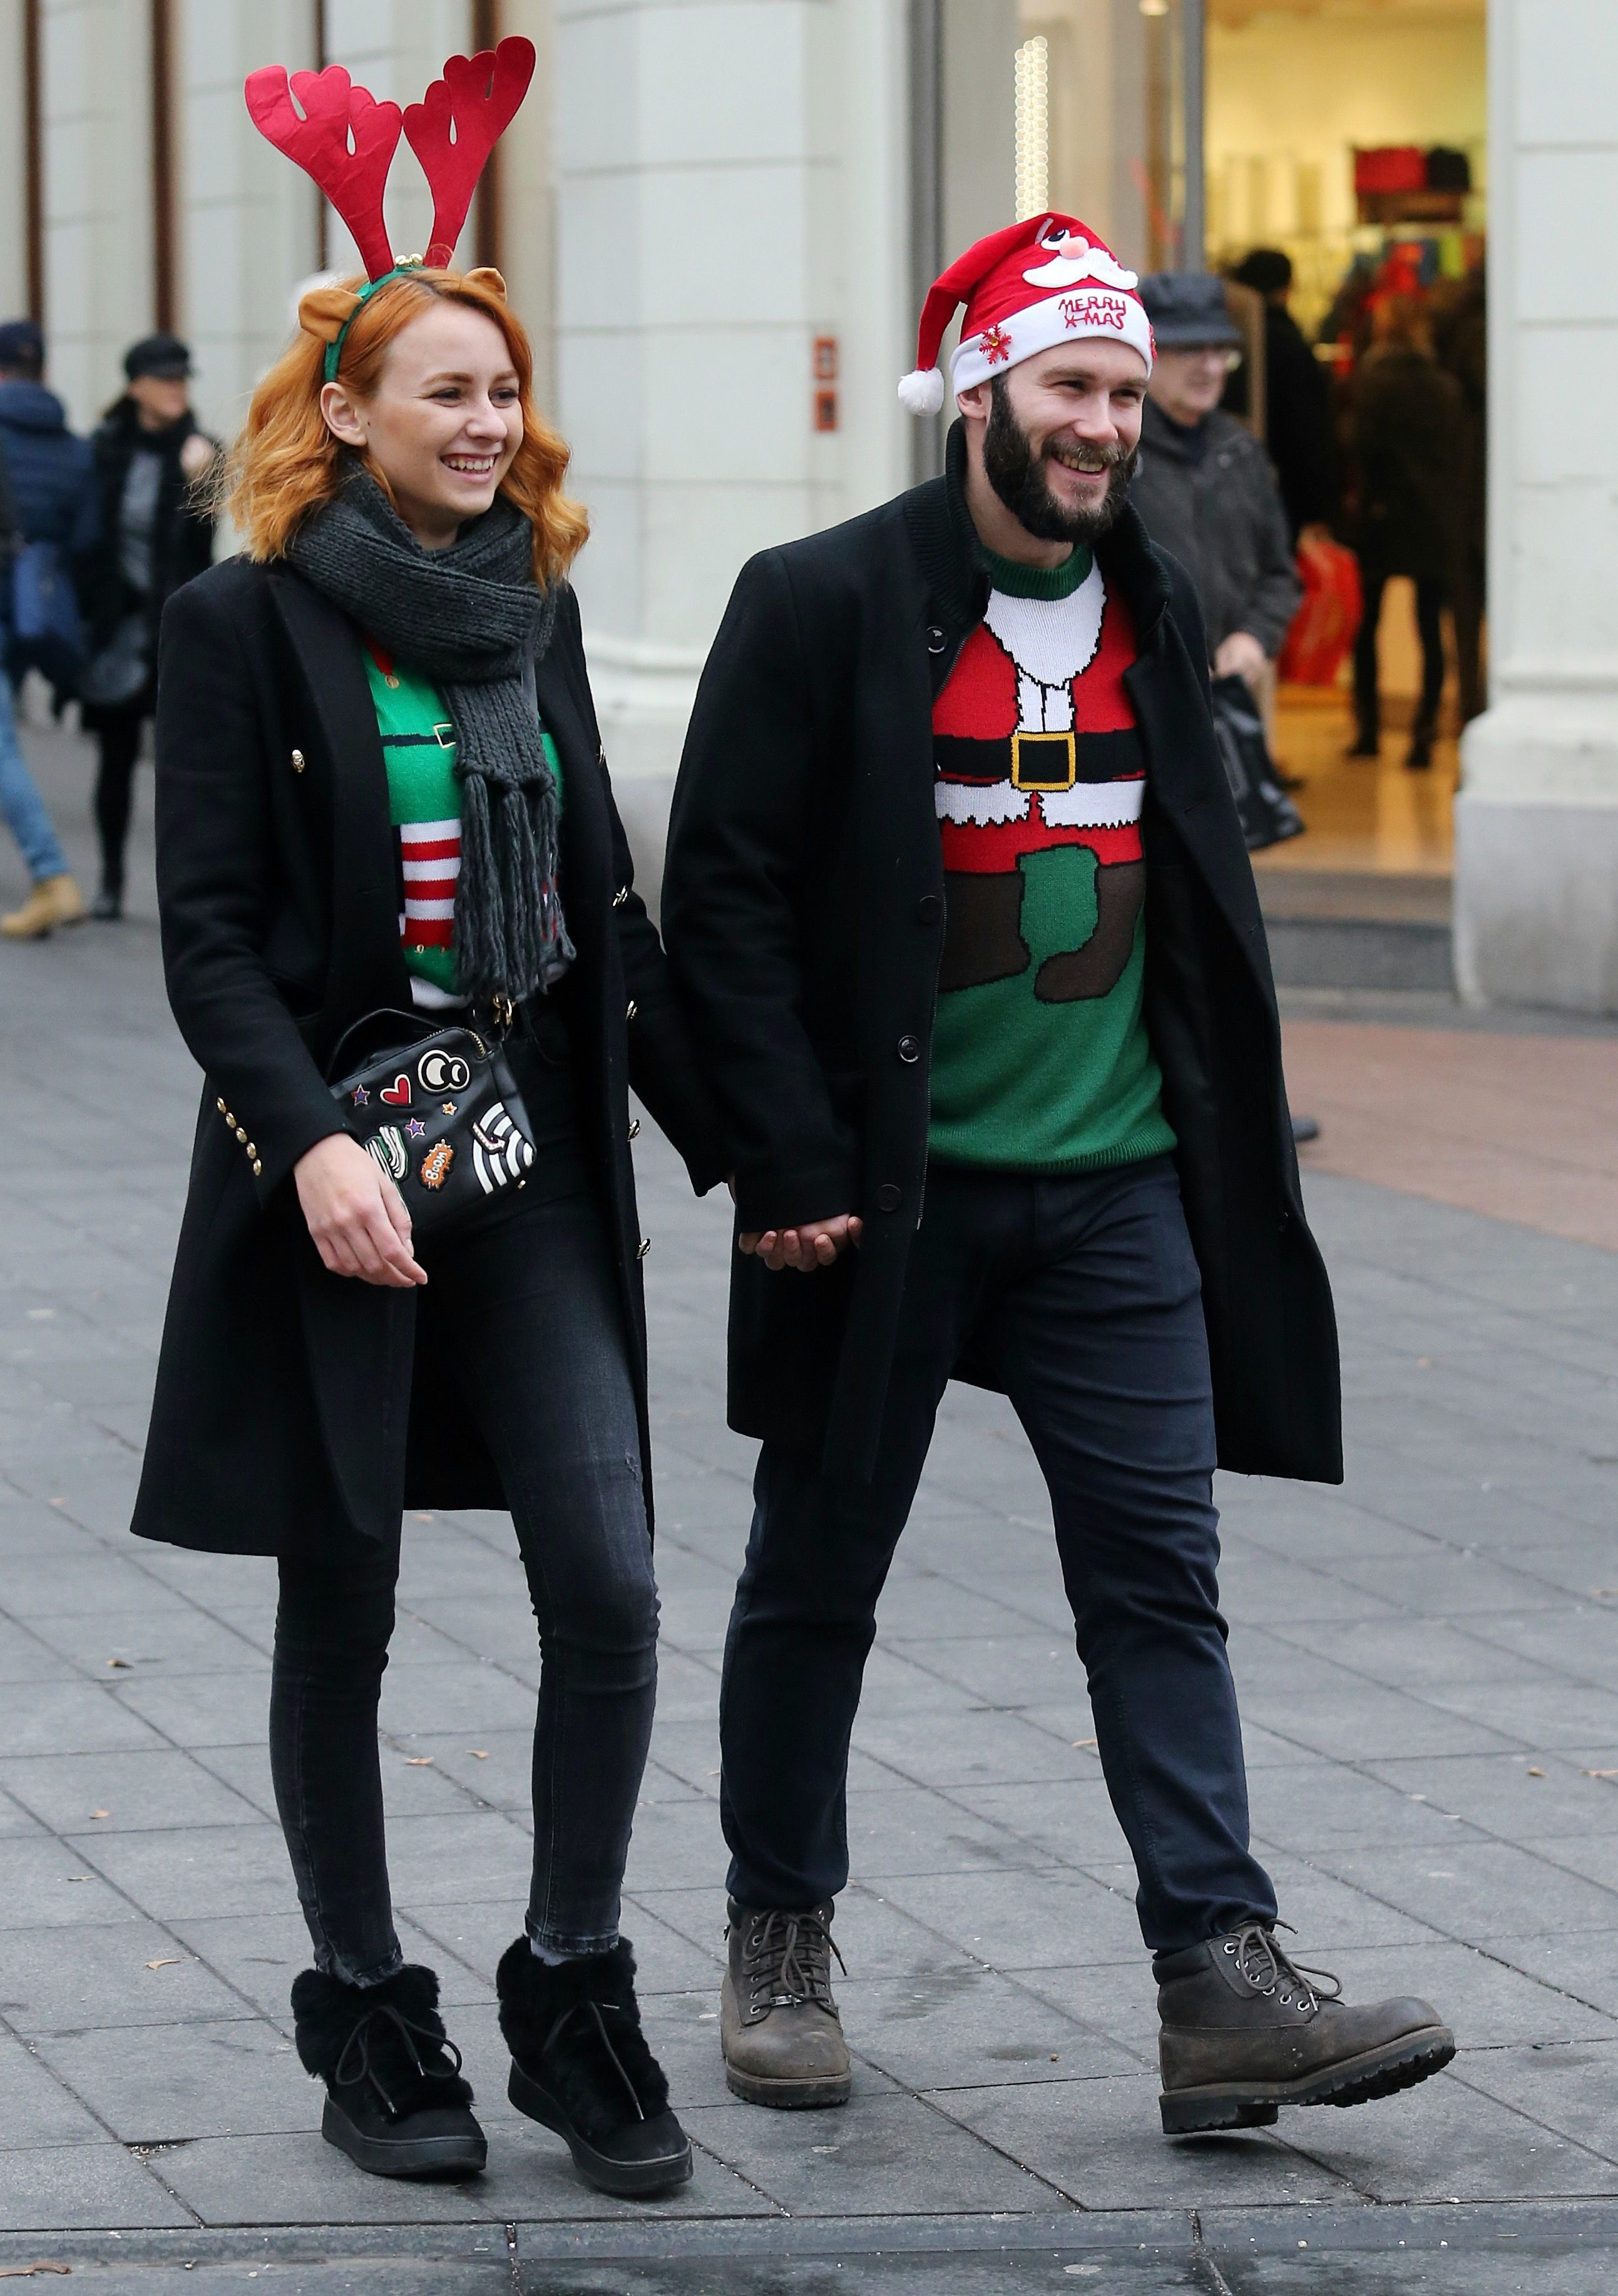 Ovaj par nas je oduševio, a pogledajte što su još Zagrepčani nosili na špici za Badnjak